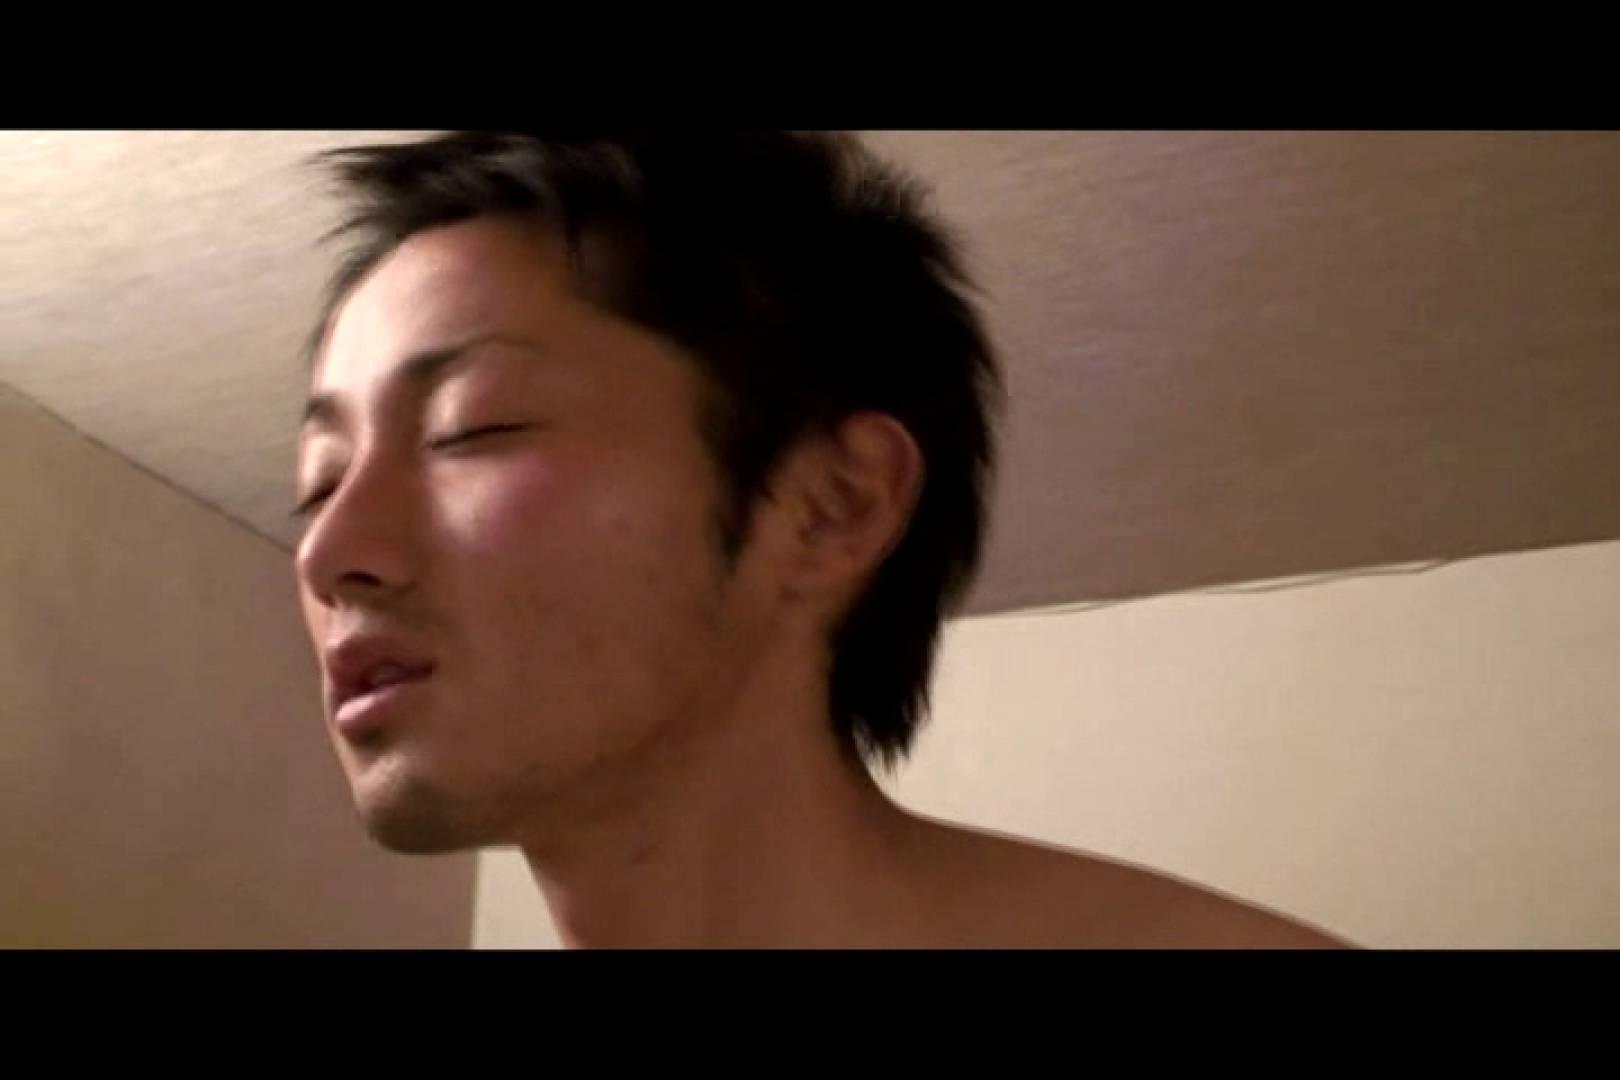 イケメンモッコリウォッチング!!No.01 スポーツ系男子 ゲイエロビデオ画像 85枚 37